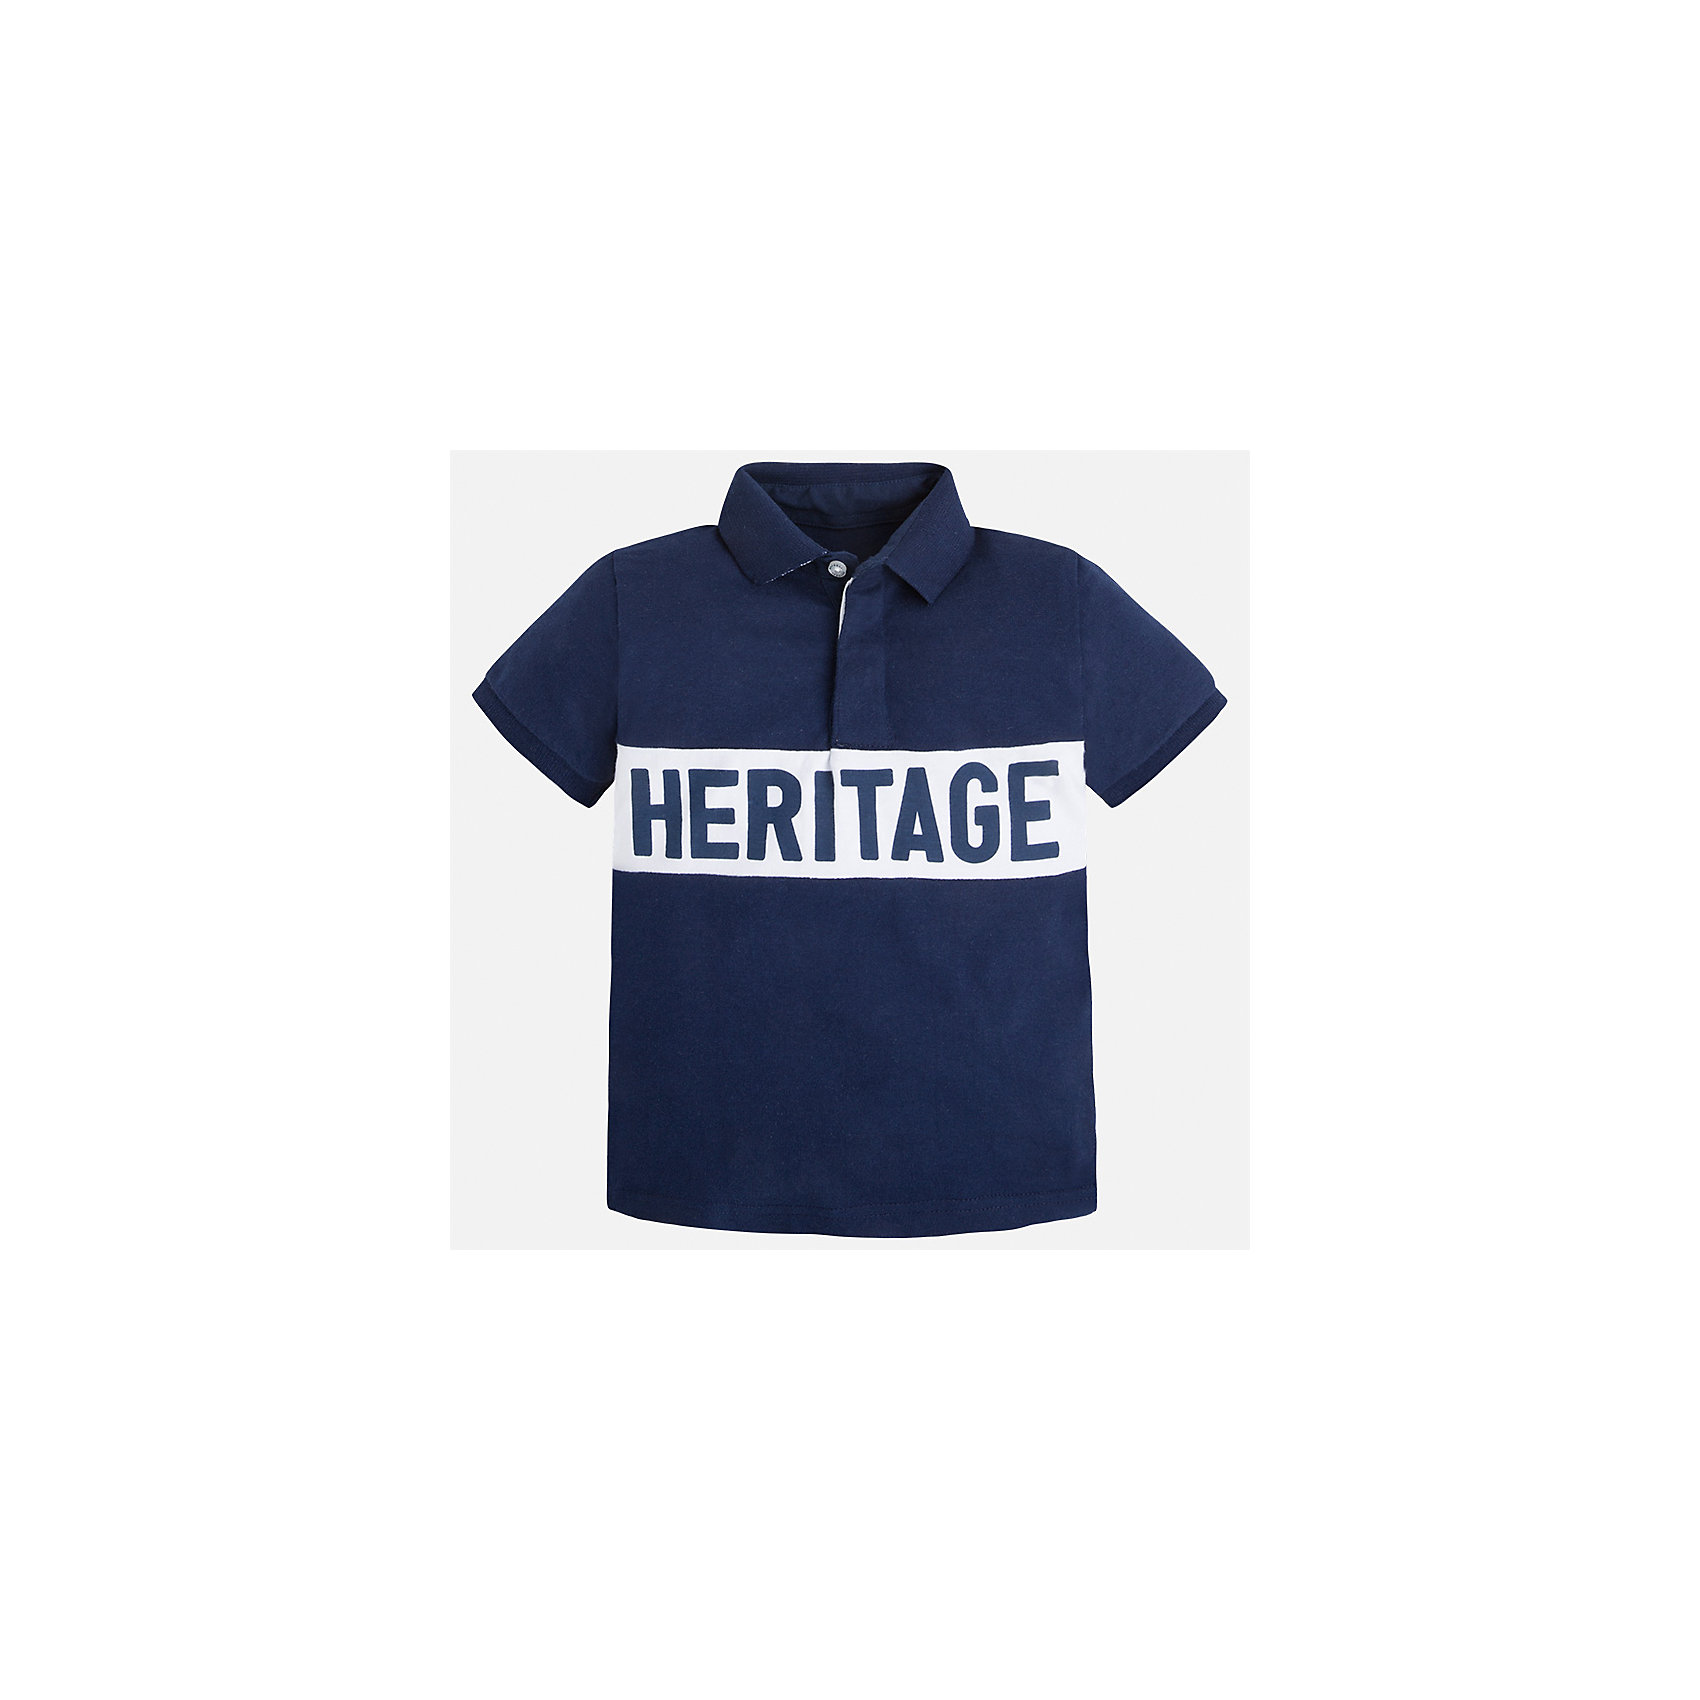 Рубашка-поло для мальчика MayoralХарактеристики товара:<br><br>• цвет: синий<br>• состав: 100% хлопок<br>• отложной воротник<br>• короткие рукава<br>• застежка: пуговицы<br>• декорирована вышивкой<br>• страна бренда: Испания<br><br>Стильная футболка-поло для мальчика может стать базовой вещью в гардеробе ребенка. Она отлично сочетается с брюками, шортами, джинсами и т.д. Универсальный крой и цвет позволяет подобрать к вещи низ разных расцветок. Практичное и стильное изделие! В составе материала - только натуральный хлопок, гипоаллергенный, приятный на ощупь, дышащий.<br><br>Одежда, обувь и аксессуары от испанского бренда Mayoral полюбились детям и взрослым по всему миру. Модели этой марки - стильные и удобные. Для их производства используются только безопасные, качественные материалы и фурнитура. Порадуйте ребенка модными и красивыми вещами от Mayoral! <br><br>Футболку-поло для мальчика от испанского бренда Mayoral (Майорал) можно купить в нашем интернет-магазине.<br><br>Ширина мм: 230<br>Глубина мм: 40<br>Высота мм: 220<br>Вес г: 250<br>Цвет: синий<br>Возраст от месяцев: 18<br>Возраст до месяцев: 24<br>Пол: Мужской<br>Возраст: Детский<br>Размер: 92,98,110,122,134,128,116,104<br>SKU: 5271976